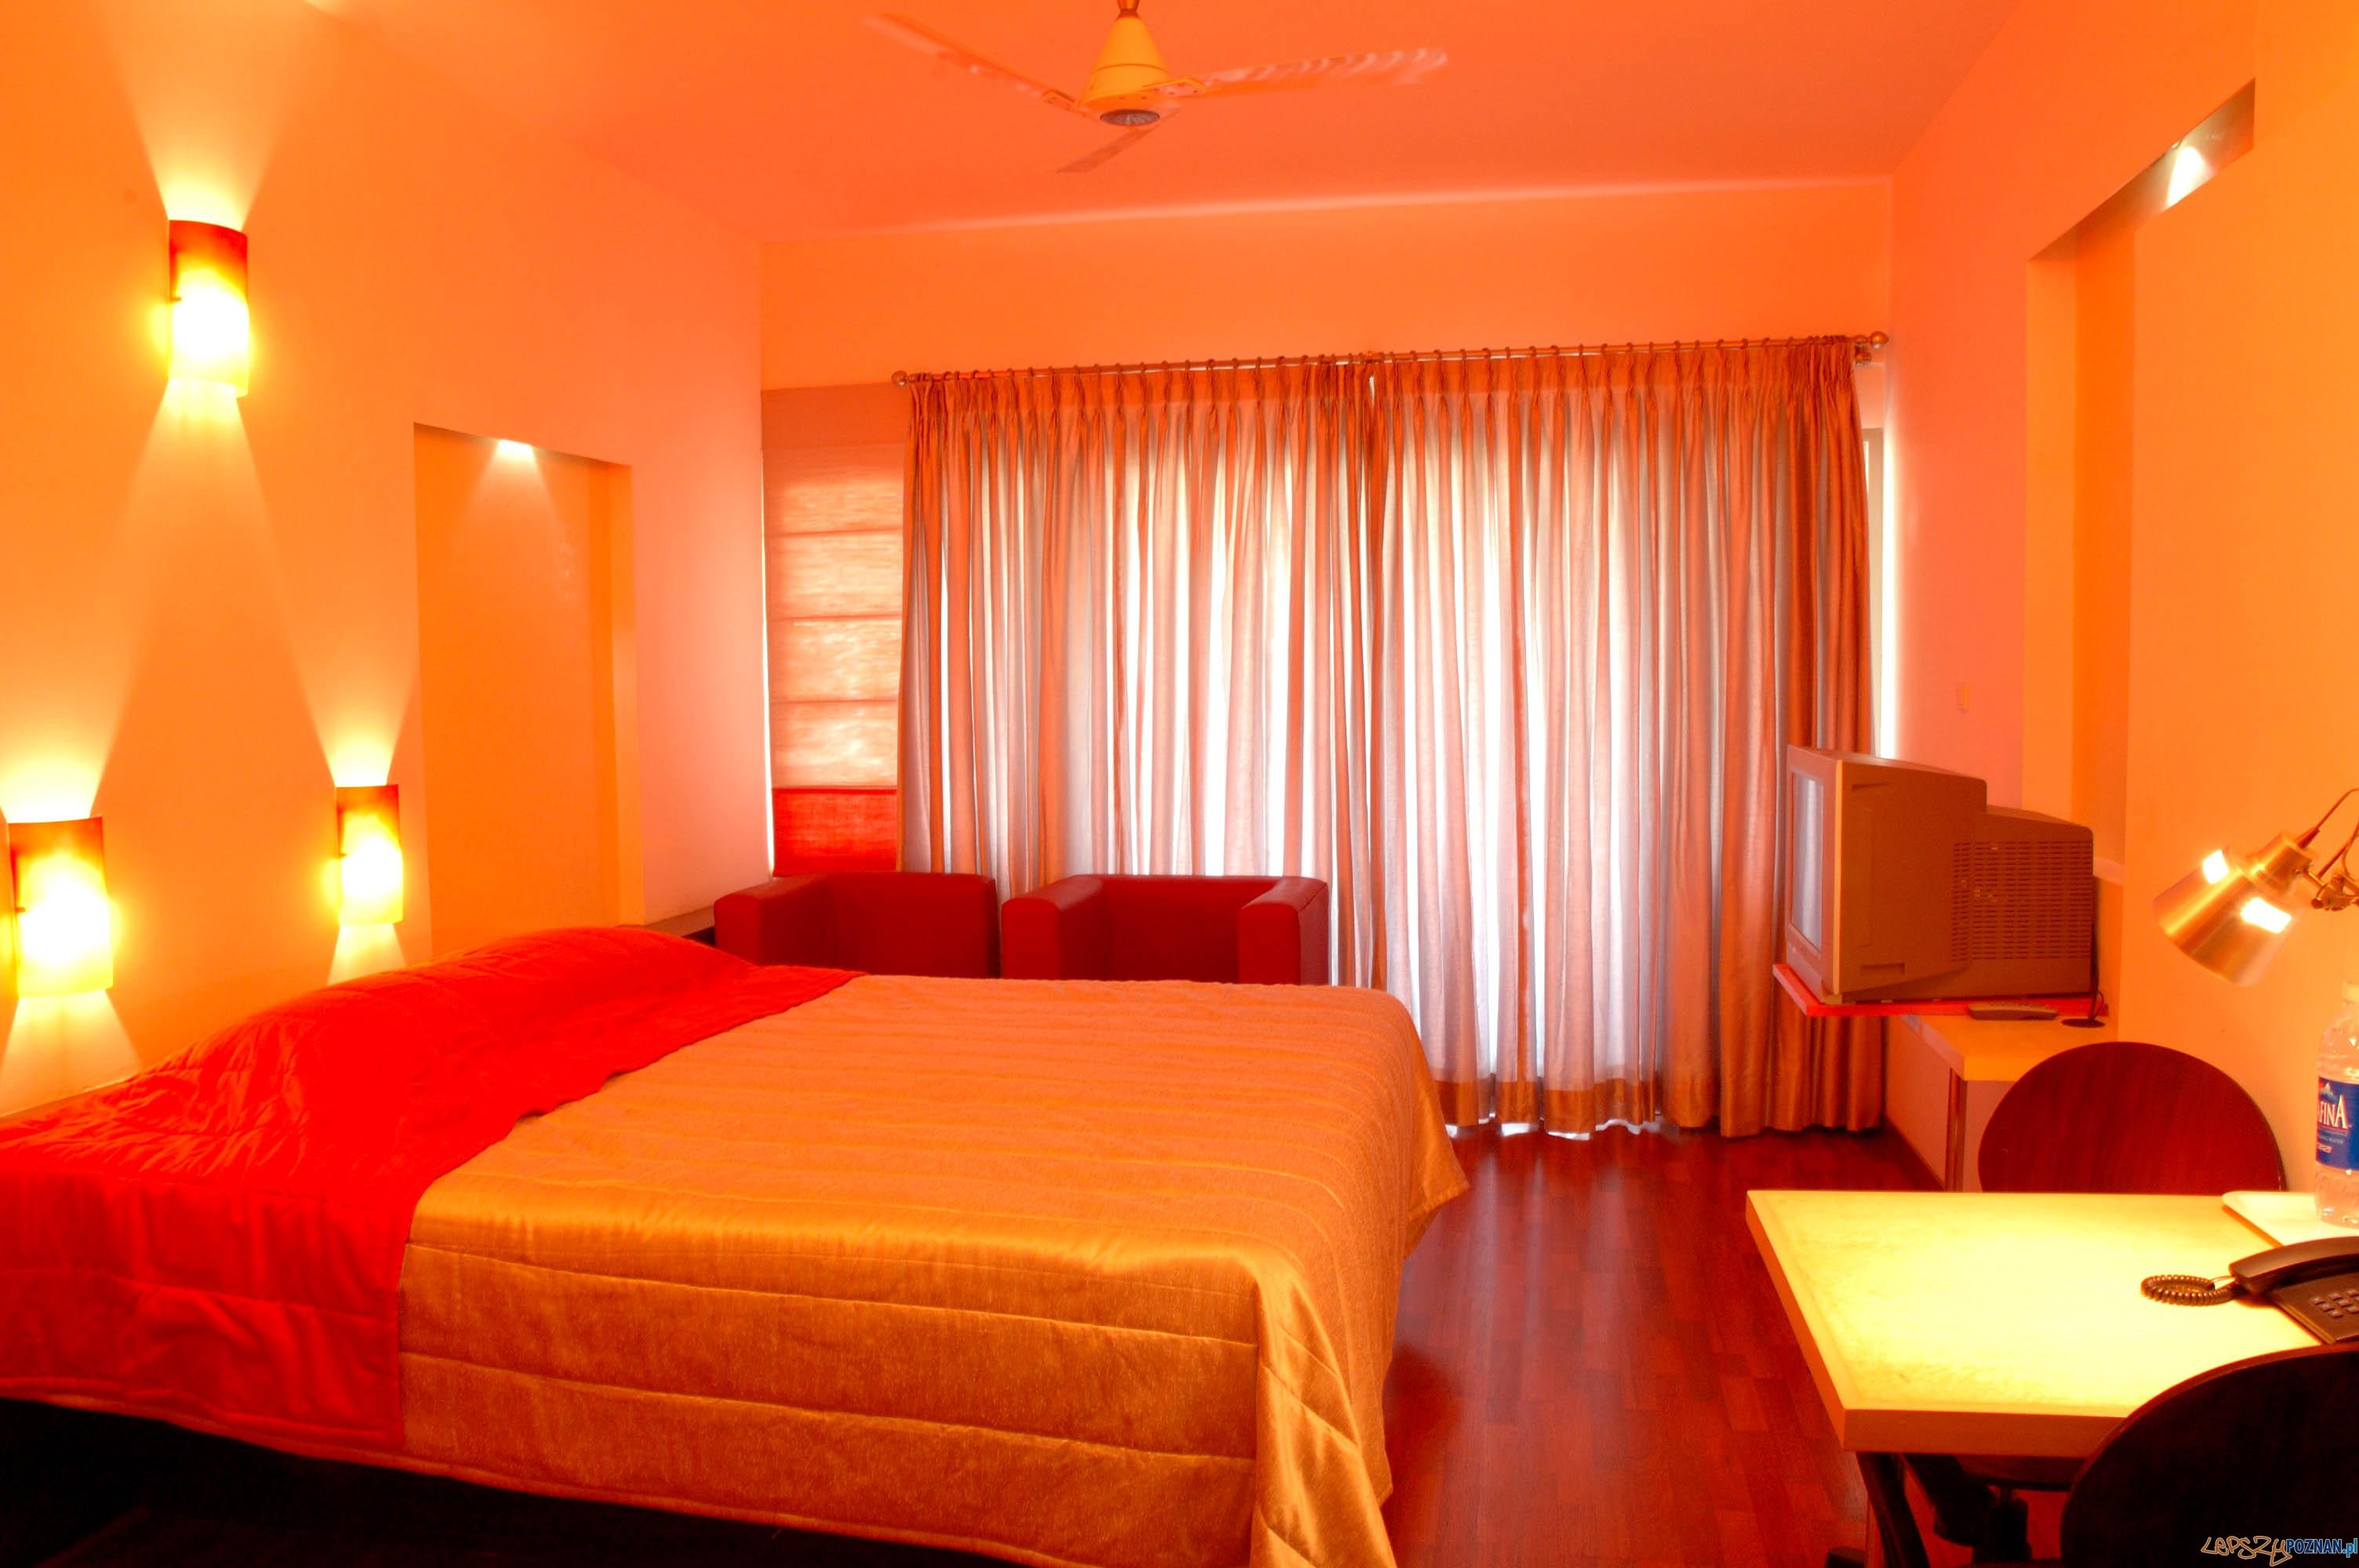 Pokój hotelowy  Foto: sxc